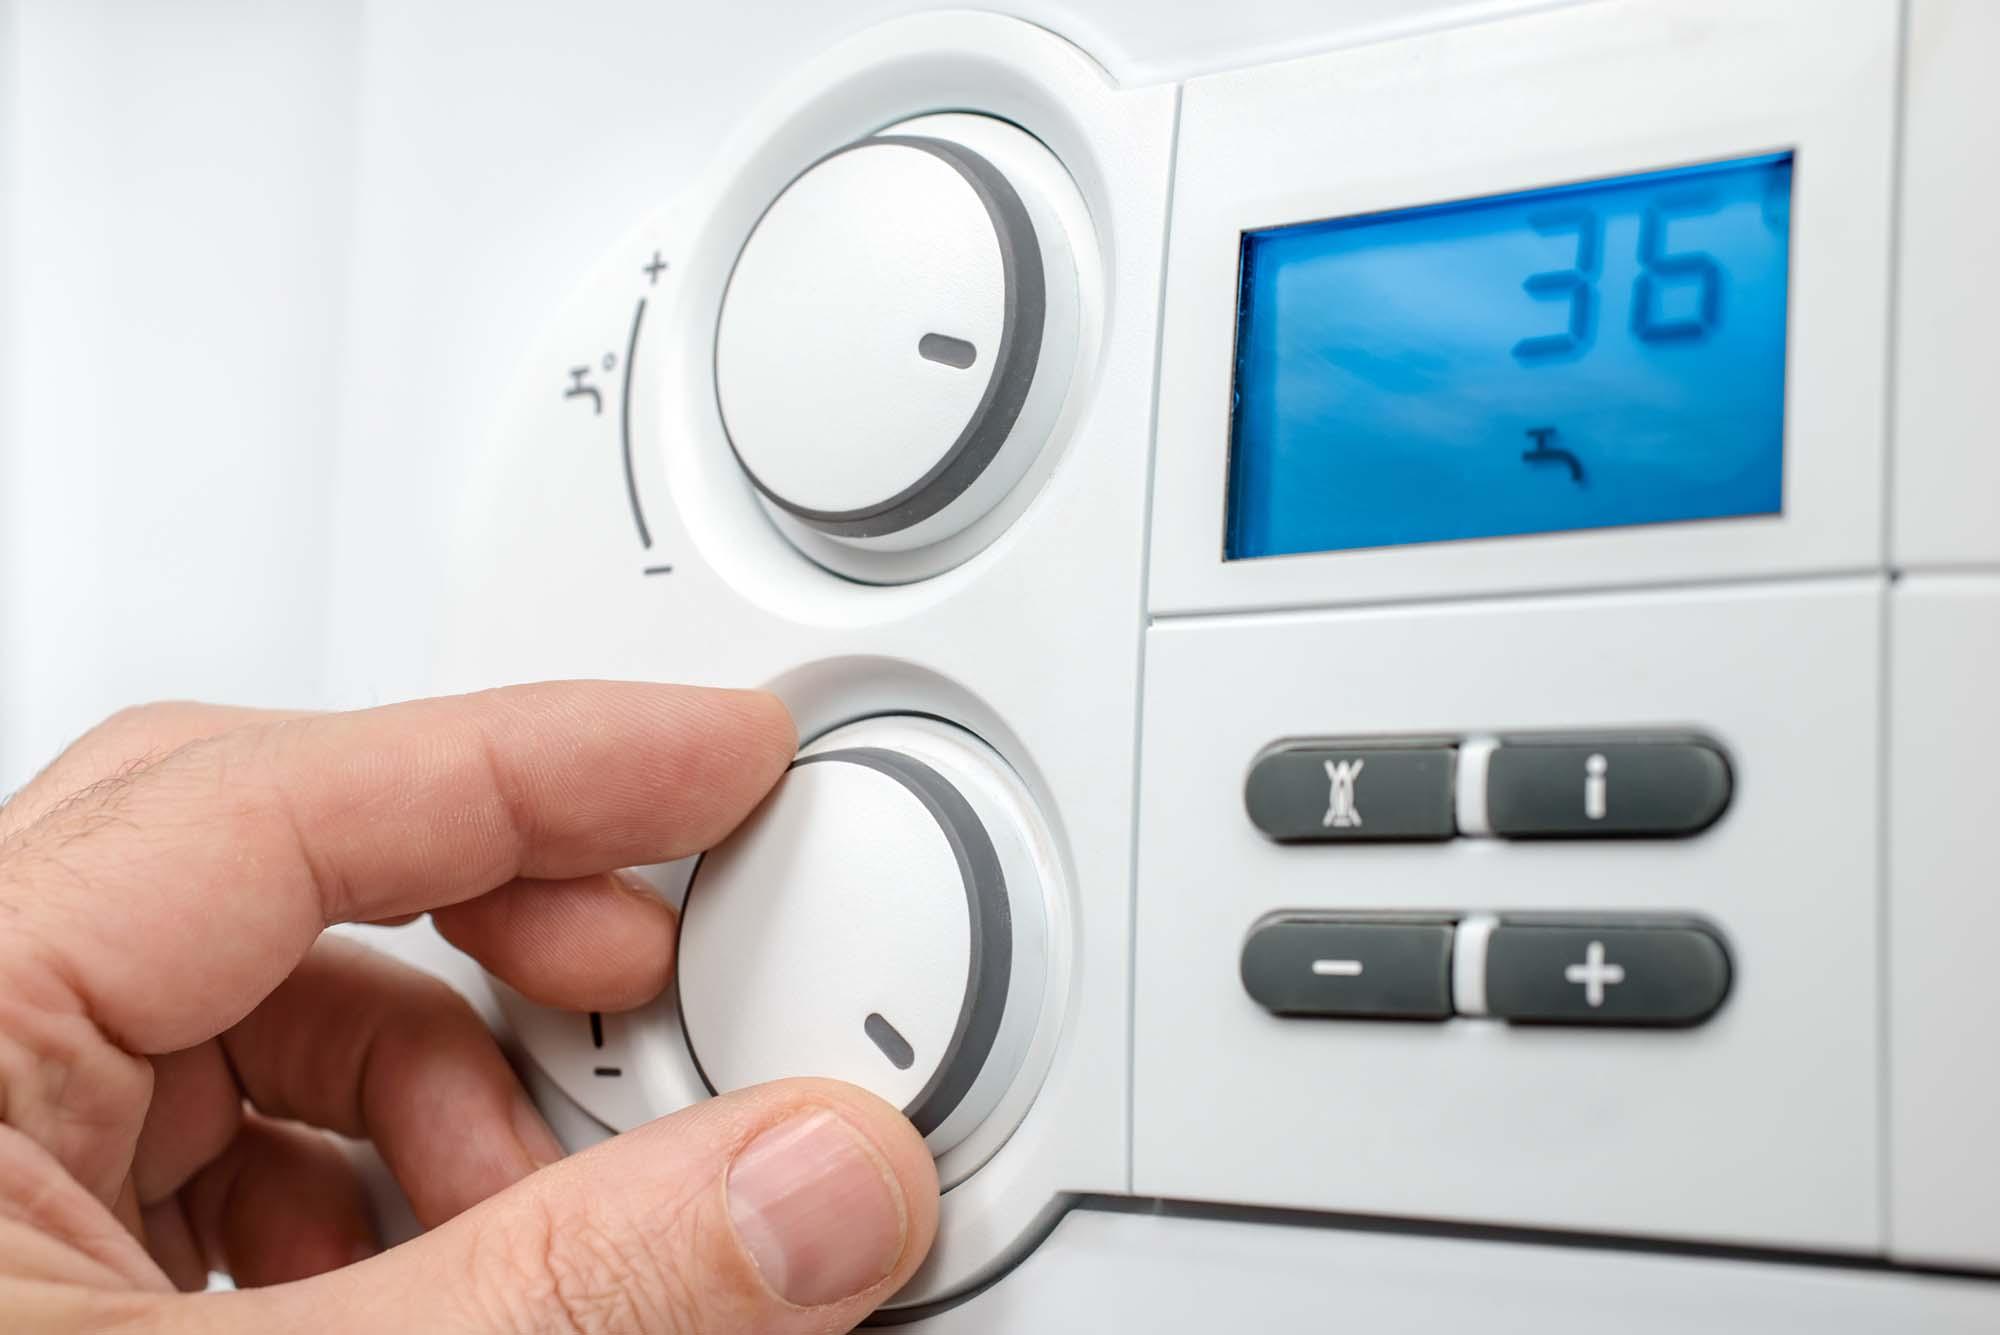 boiler controller